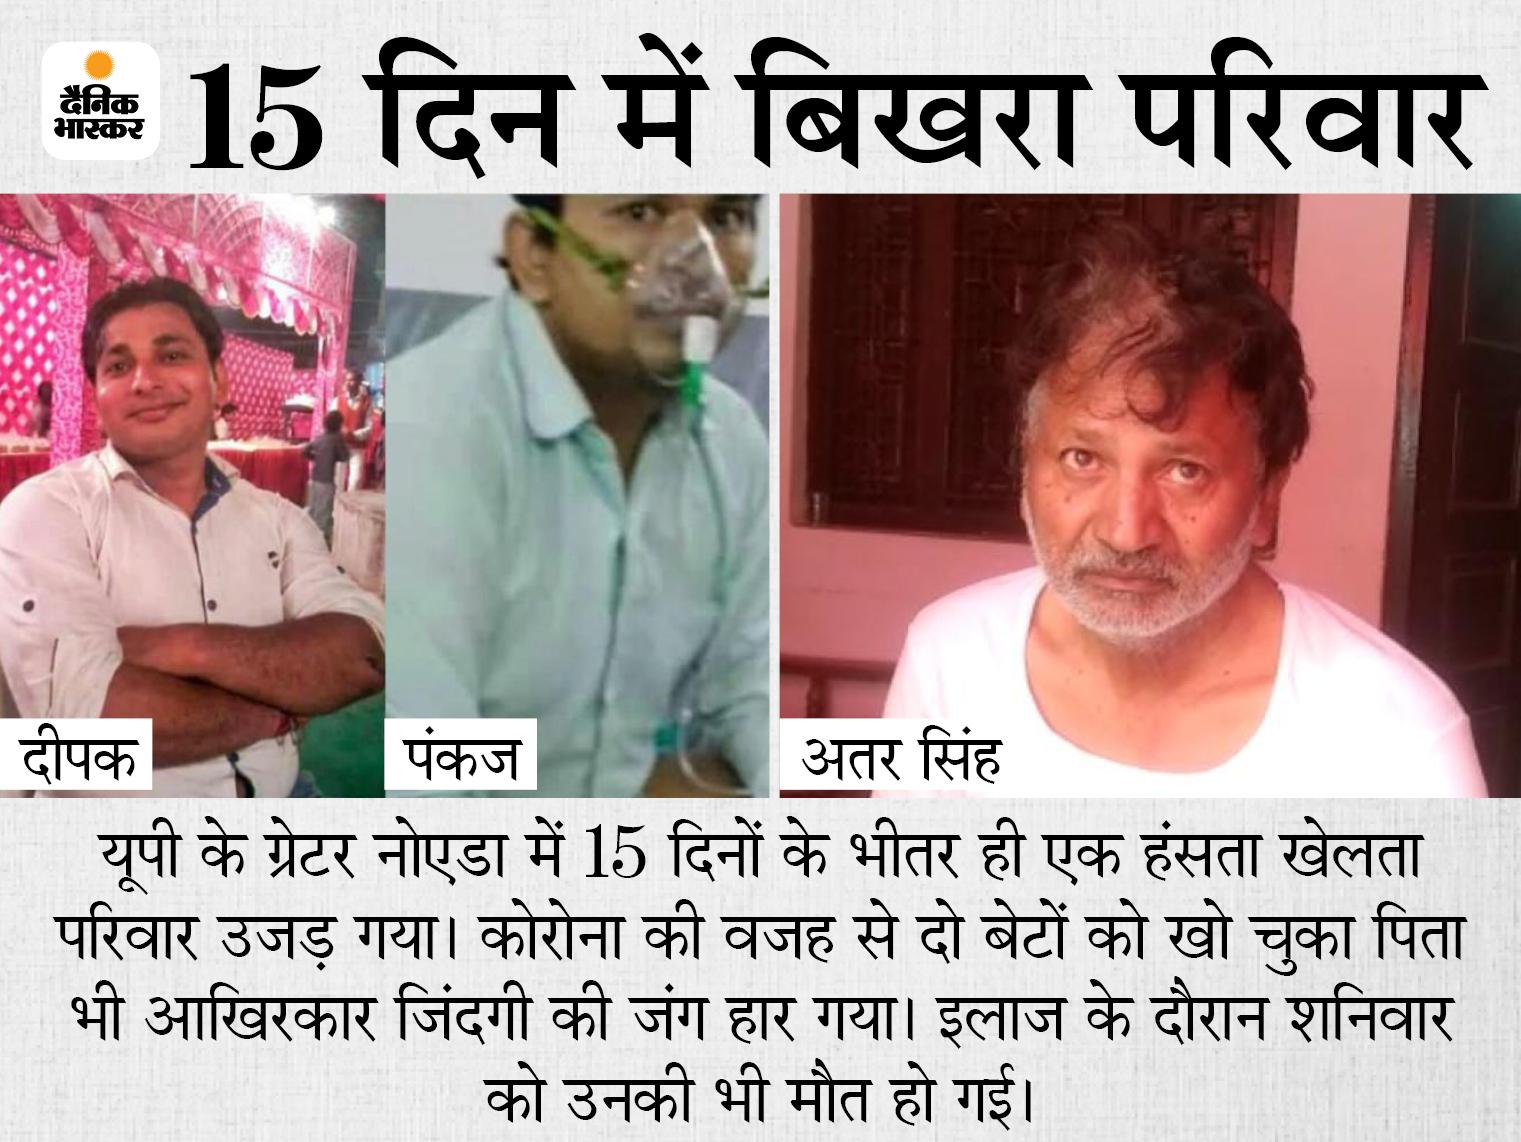 छोटे बेटे का अंतिम संस्कार कर लौटे तो घर में बड़े का शव मिला था, दो हफ्ते बाद पिता ने भी दम तोड़ा उत्तरप्रदेश,Uttar Pradesh - Dainik Bhaskar